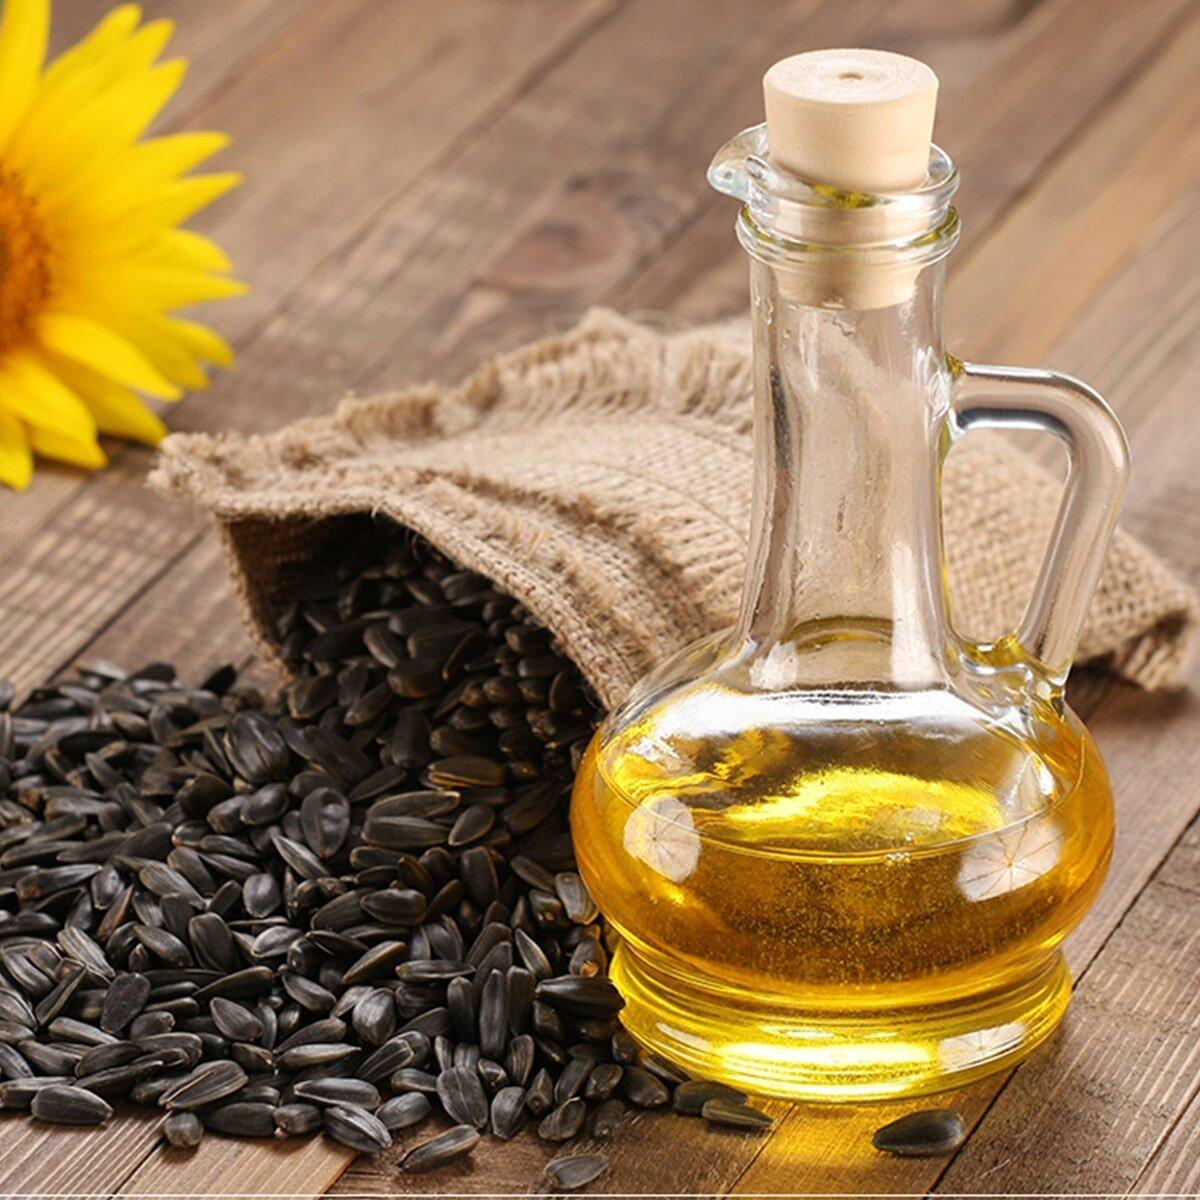 Sử dụng dầu thực vật hướng dương đúng cách đem lại hàm lượng dinh dưỡng rất cao